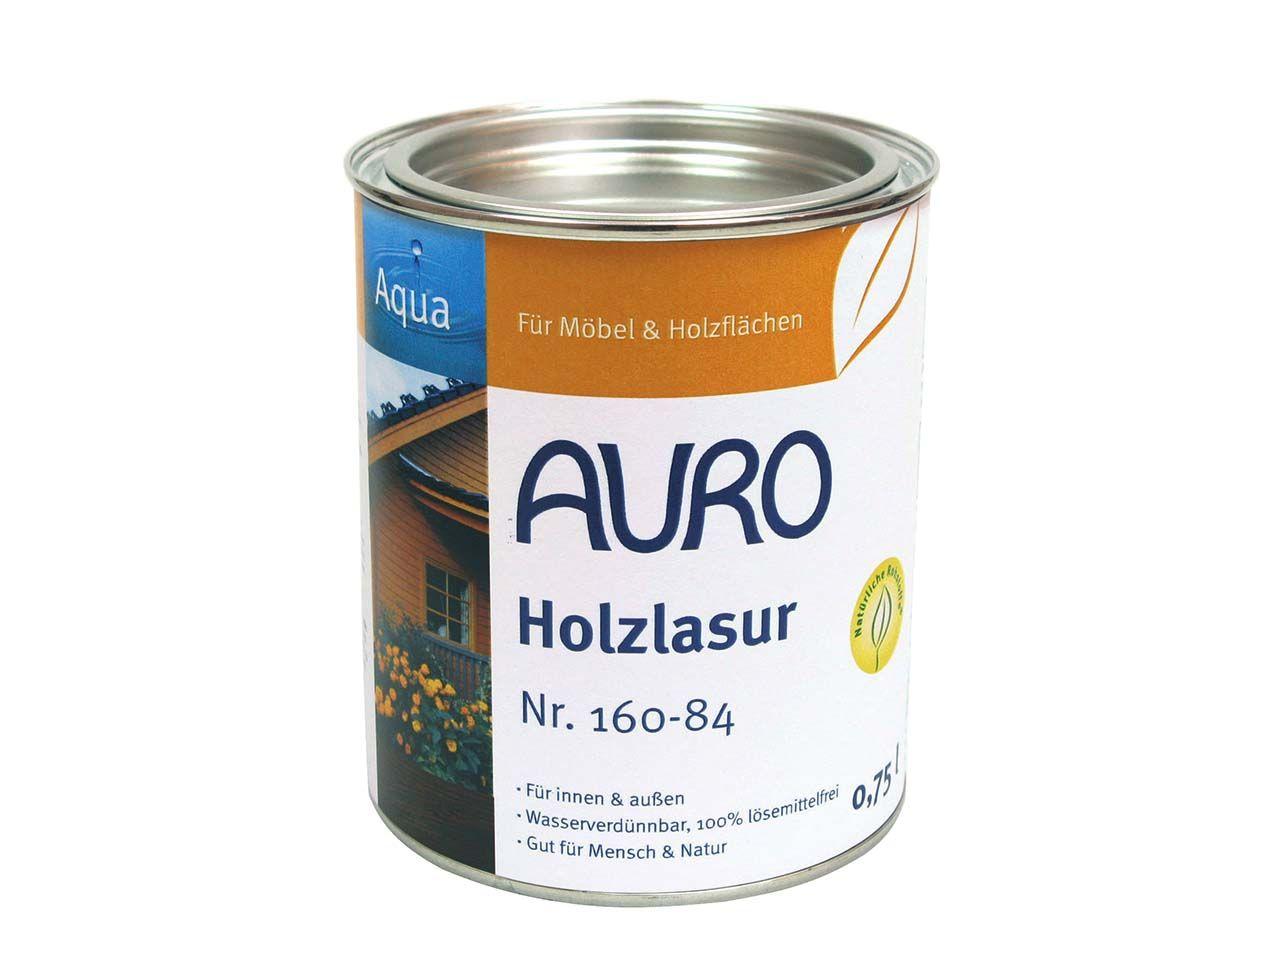 AURO Holzlasur umbra 0,75 l